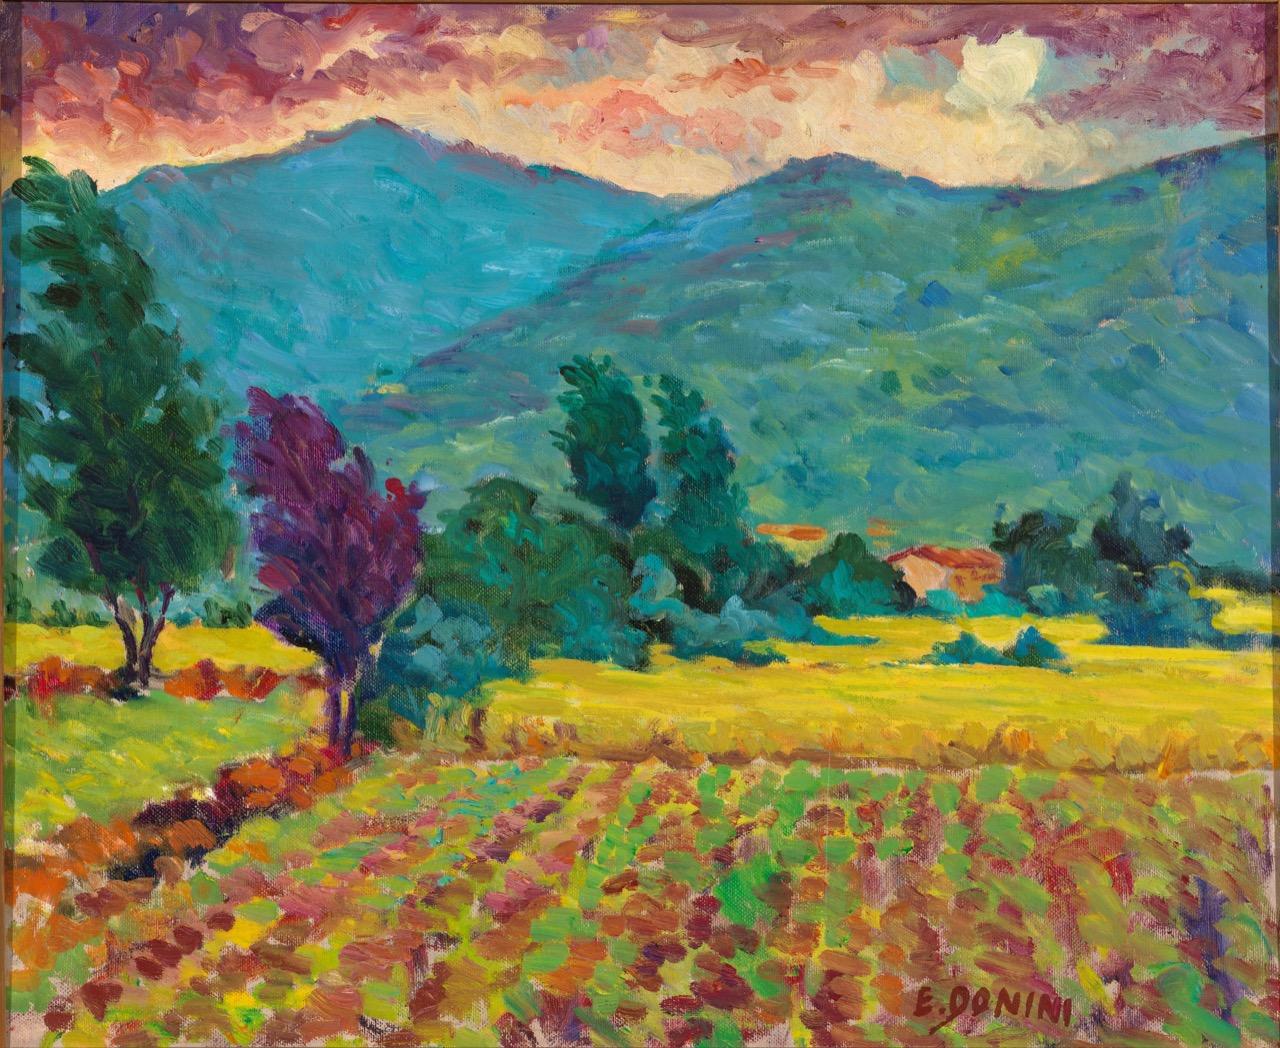 Campagna periferia di Brescia zona Poliambulanza, anni 80, olio su tela, 50x60 cm